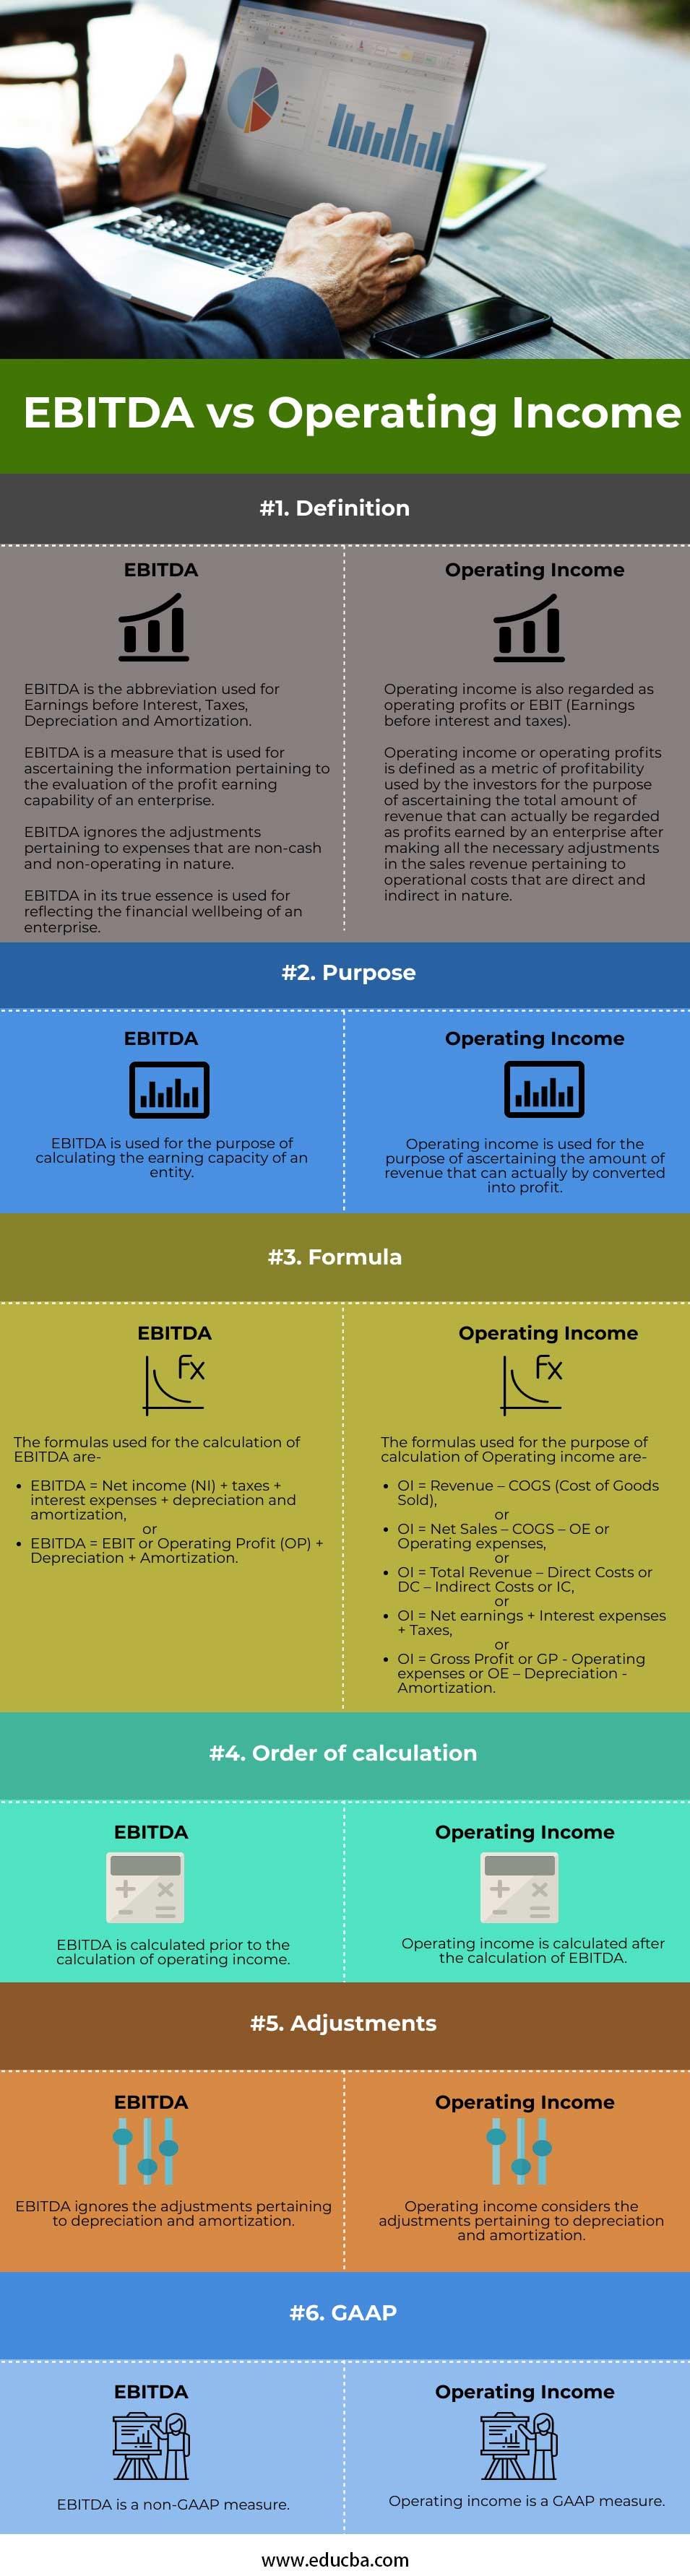 EBITDA-vs-Operating-Income-info